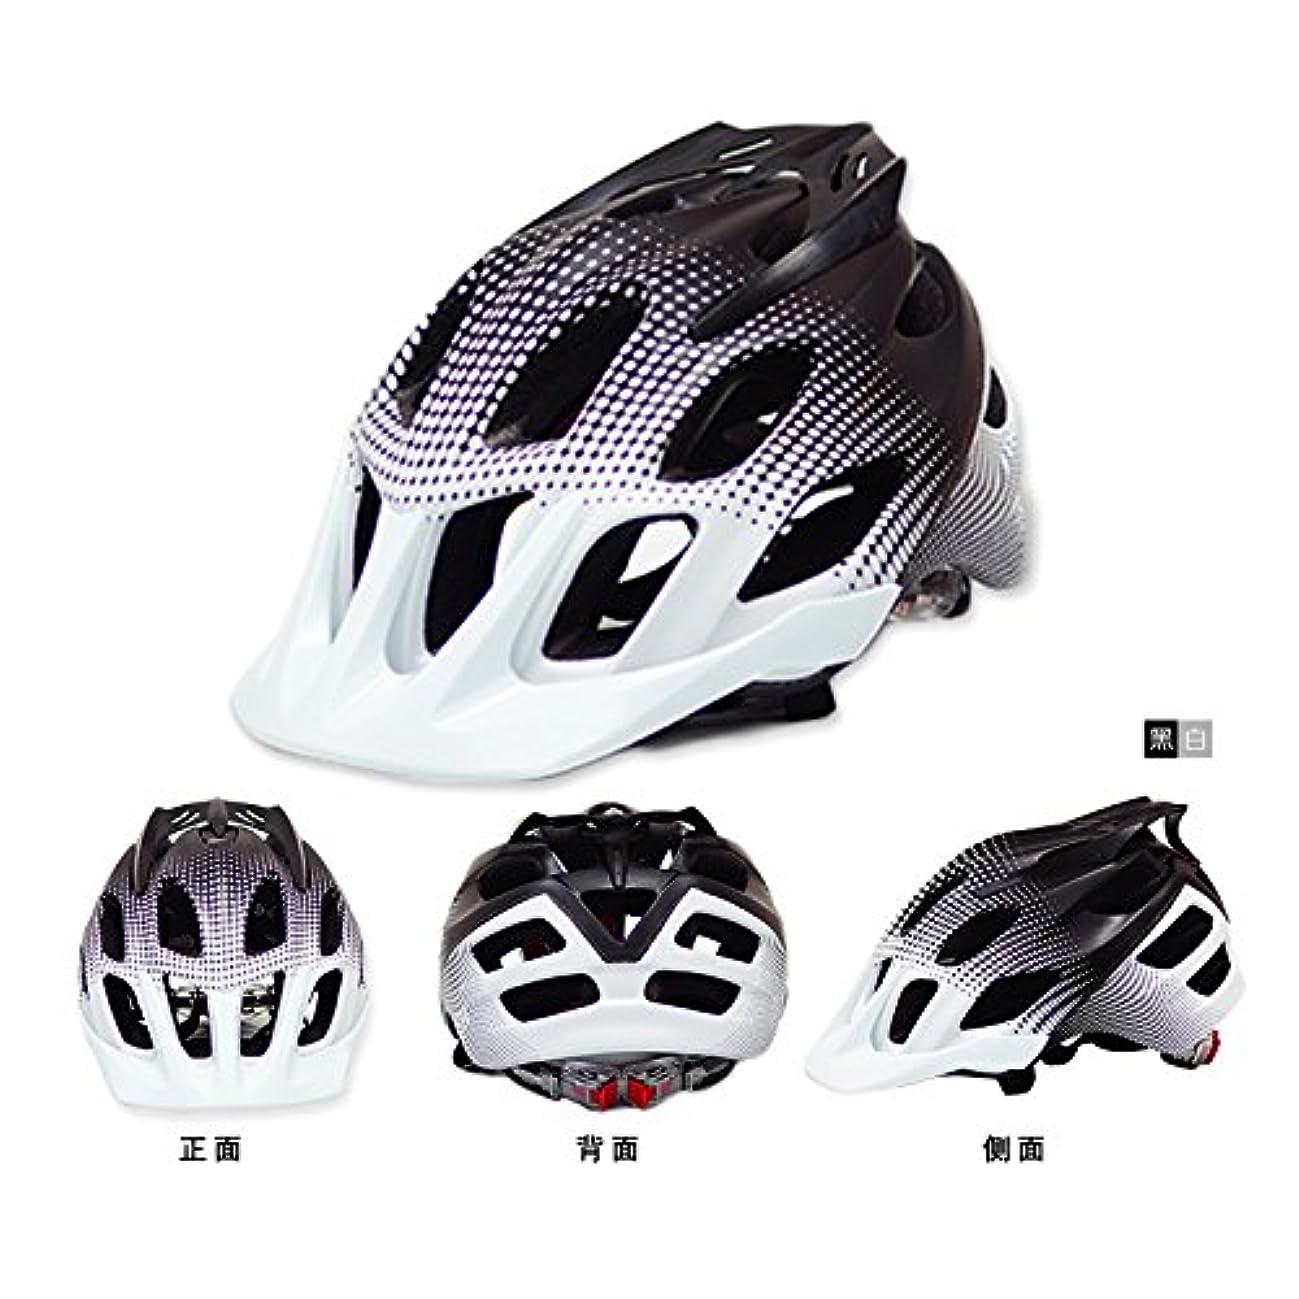 実質的にパン屋構成するHncljsyyxgs 自転車 ヘルメット,サイクリング サイズ調整 頭守る 男女兼用